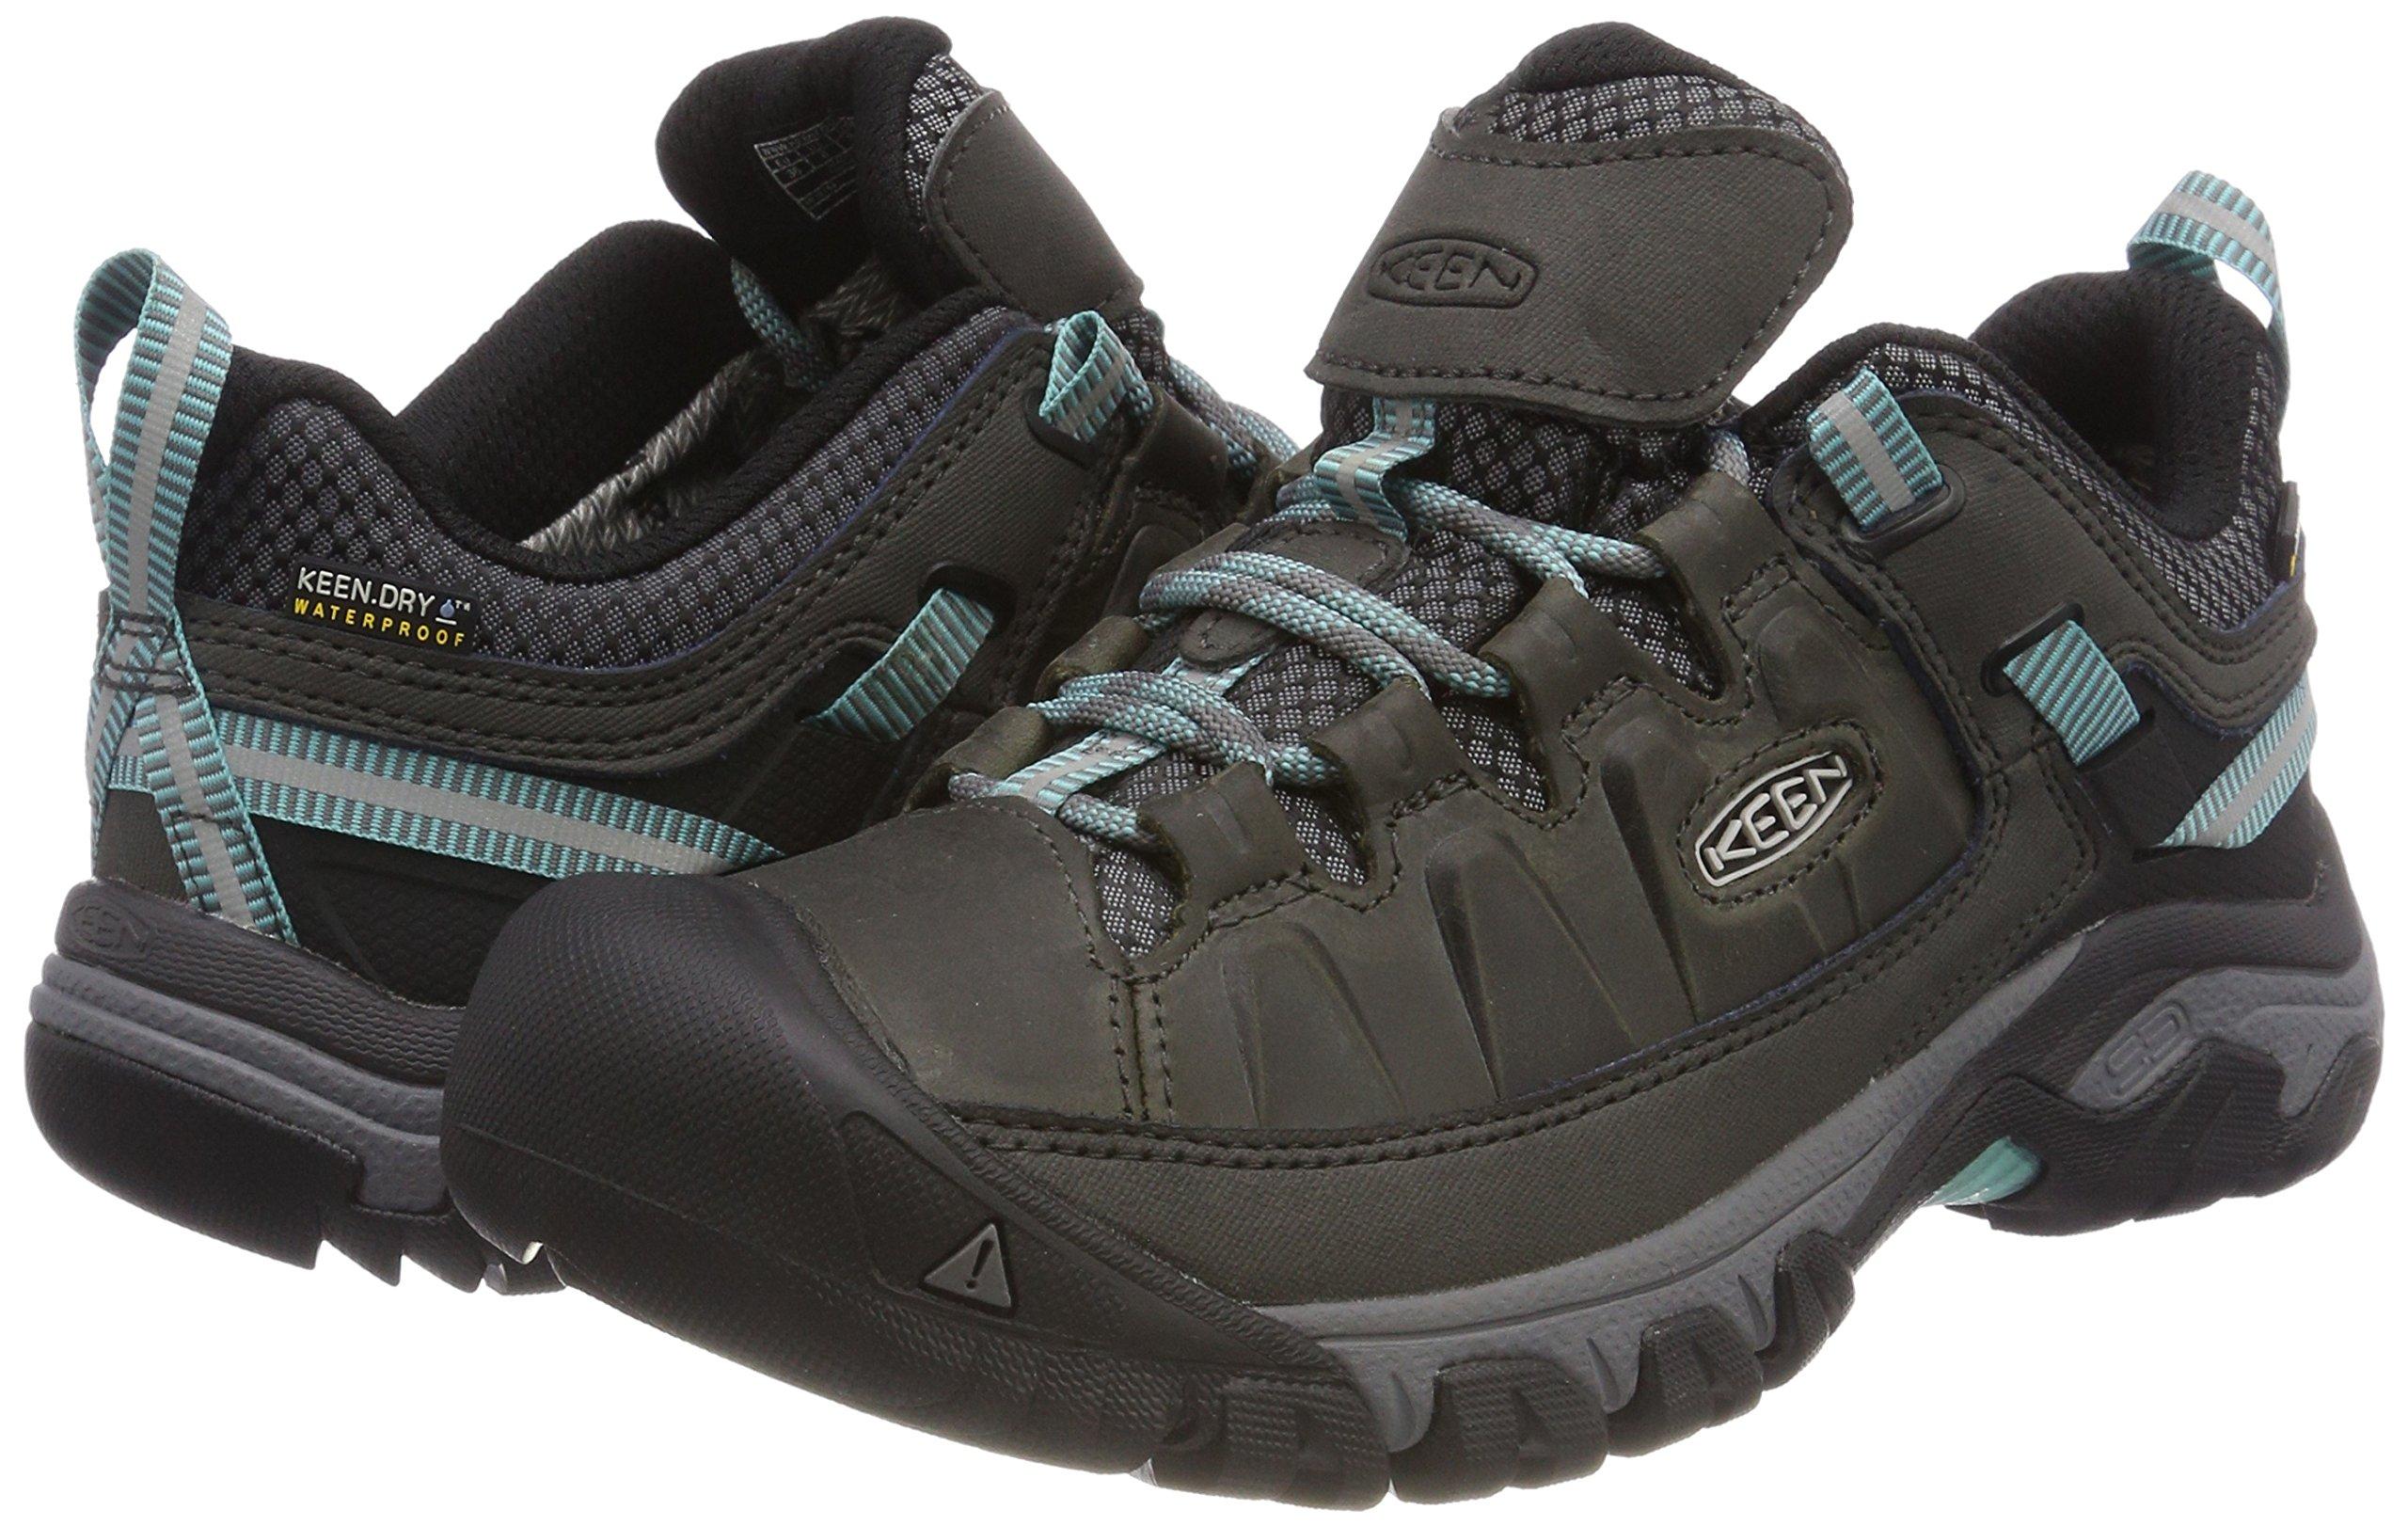 KEEN Women's Targhee Iii Wp Low Rise Hiking Shoes 5